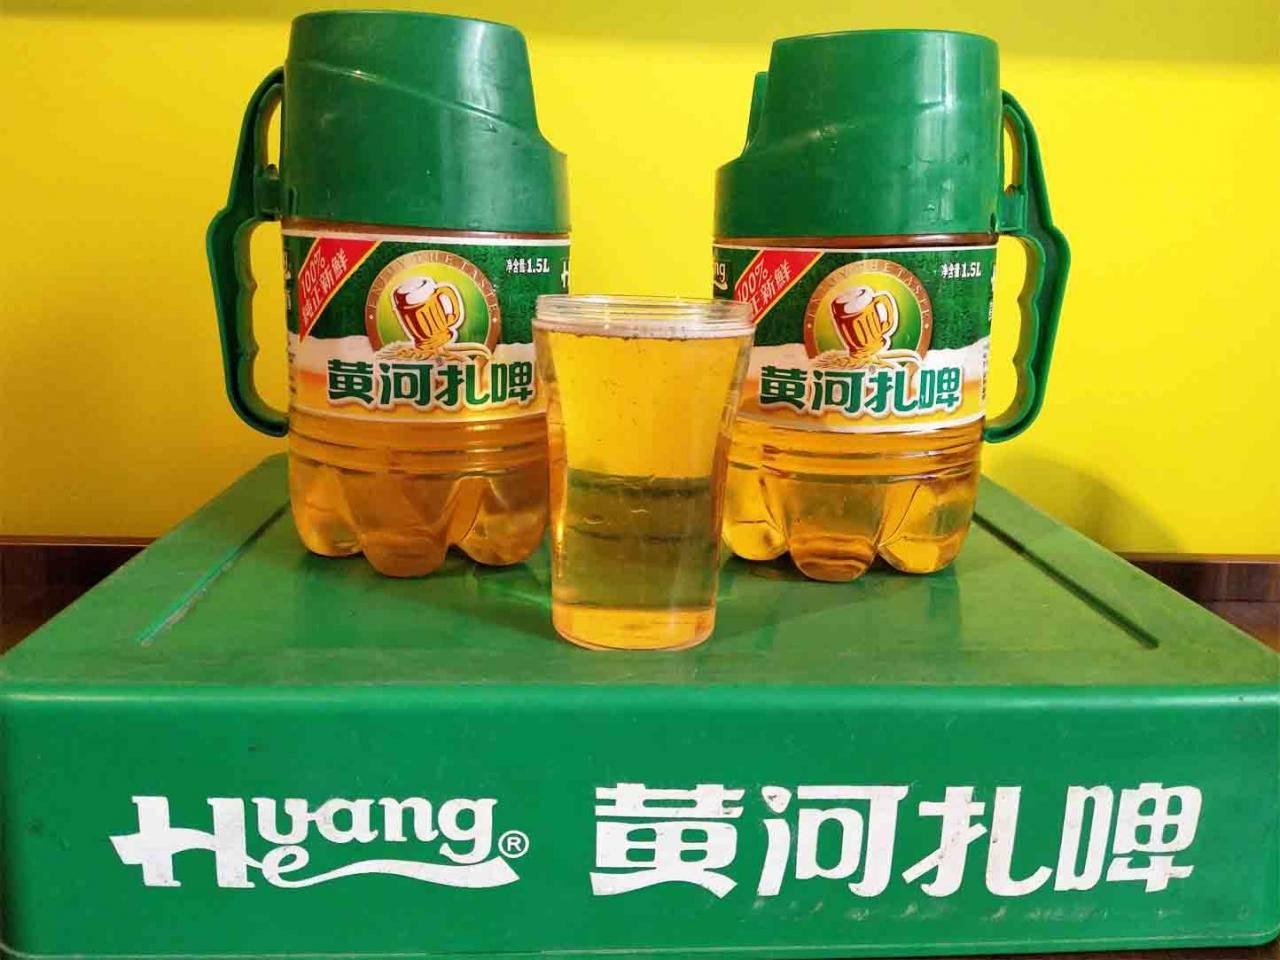 黄河啤酒价格-一瓶黄河王啤酒多少钱-大麦丫-精酿啤酒连锁超市,工厂店平价酒吧免费加盟